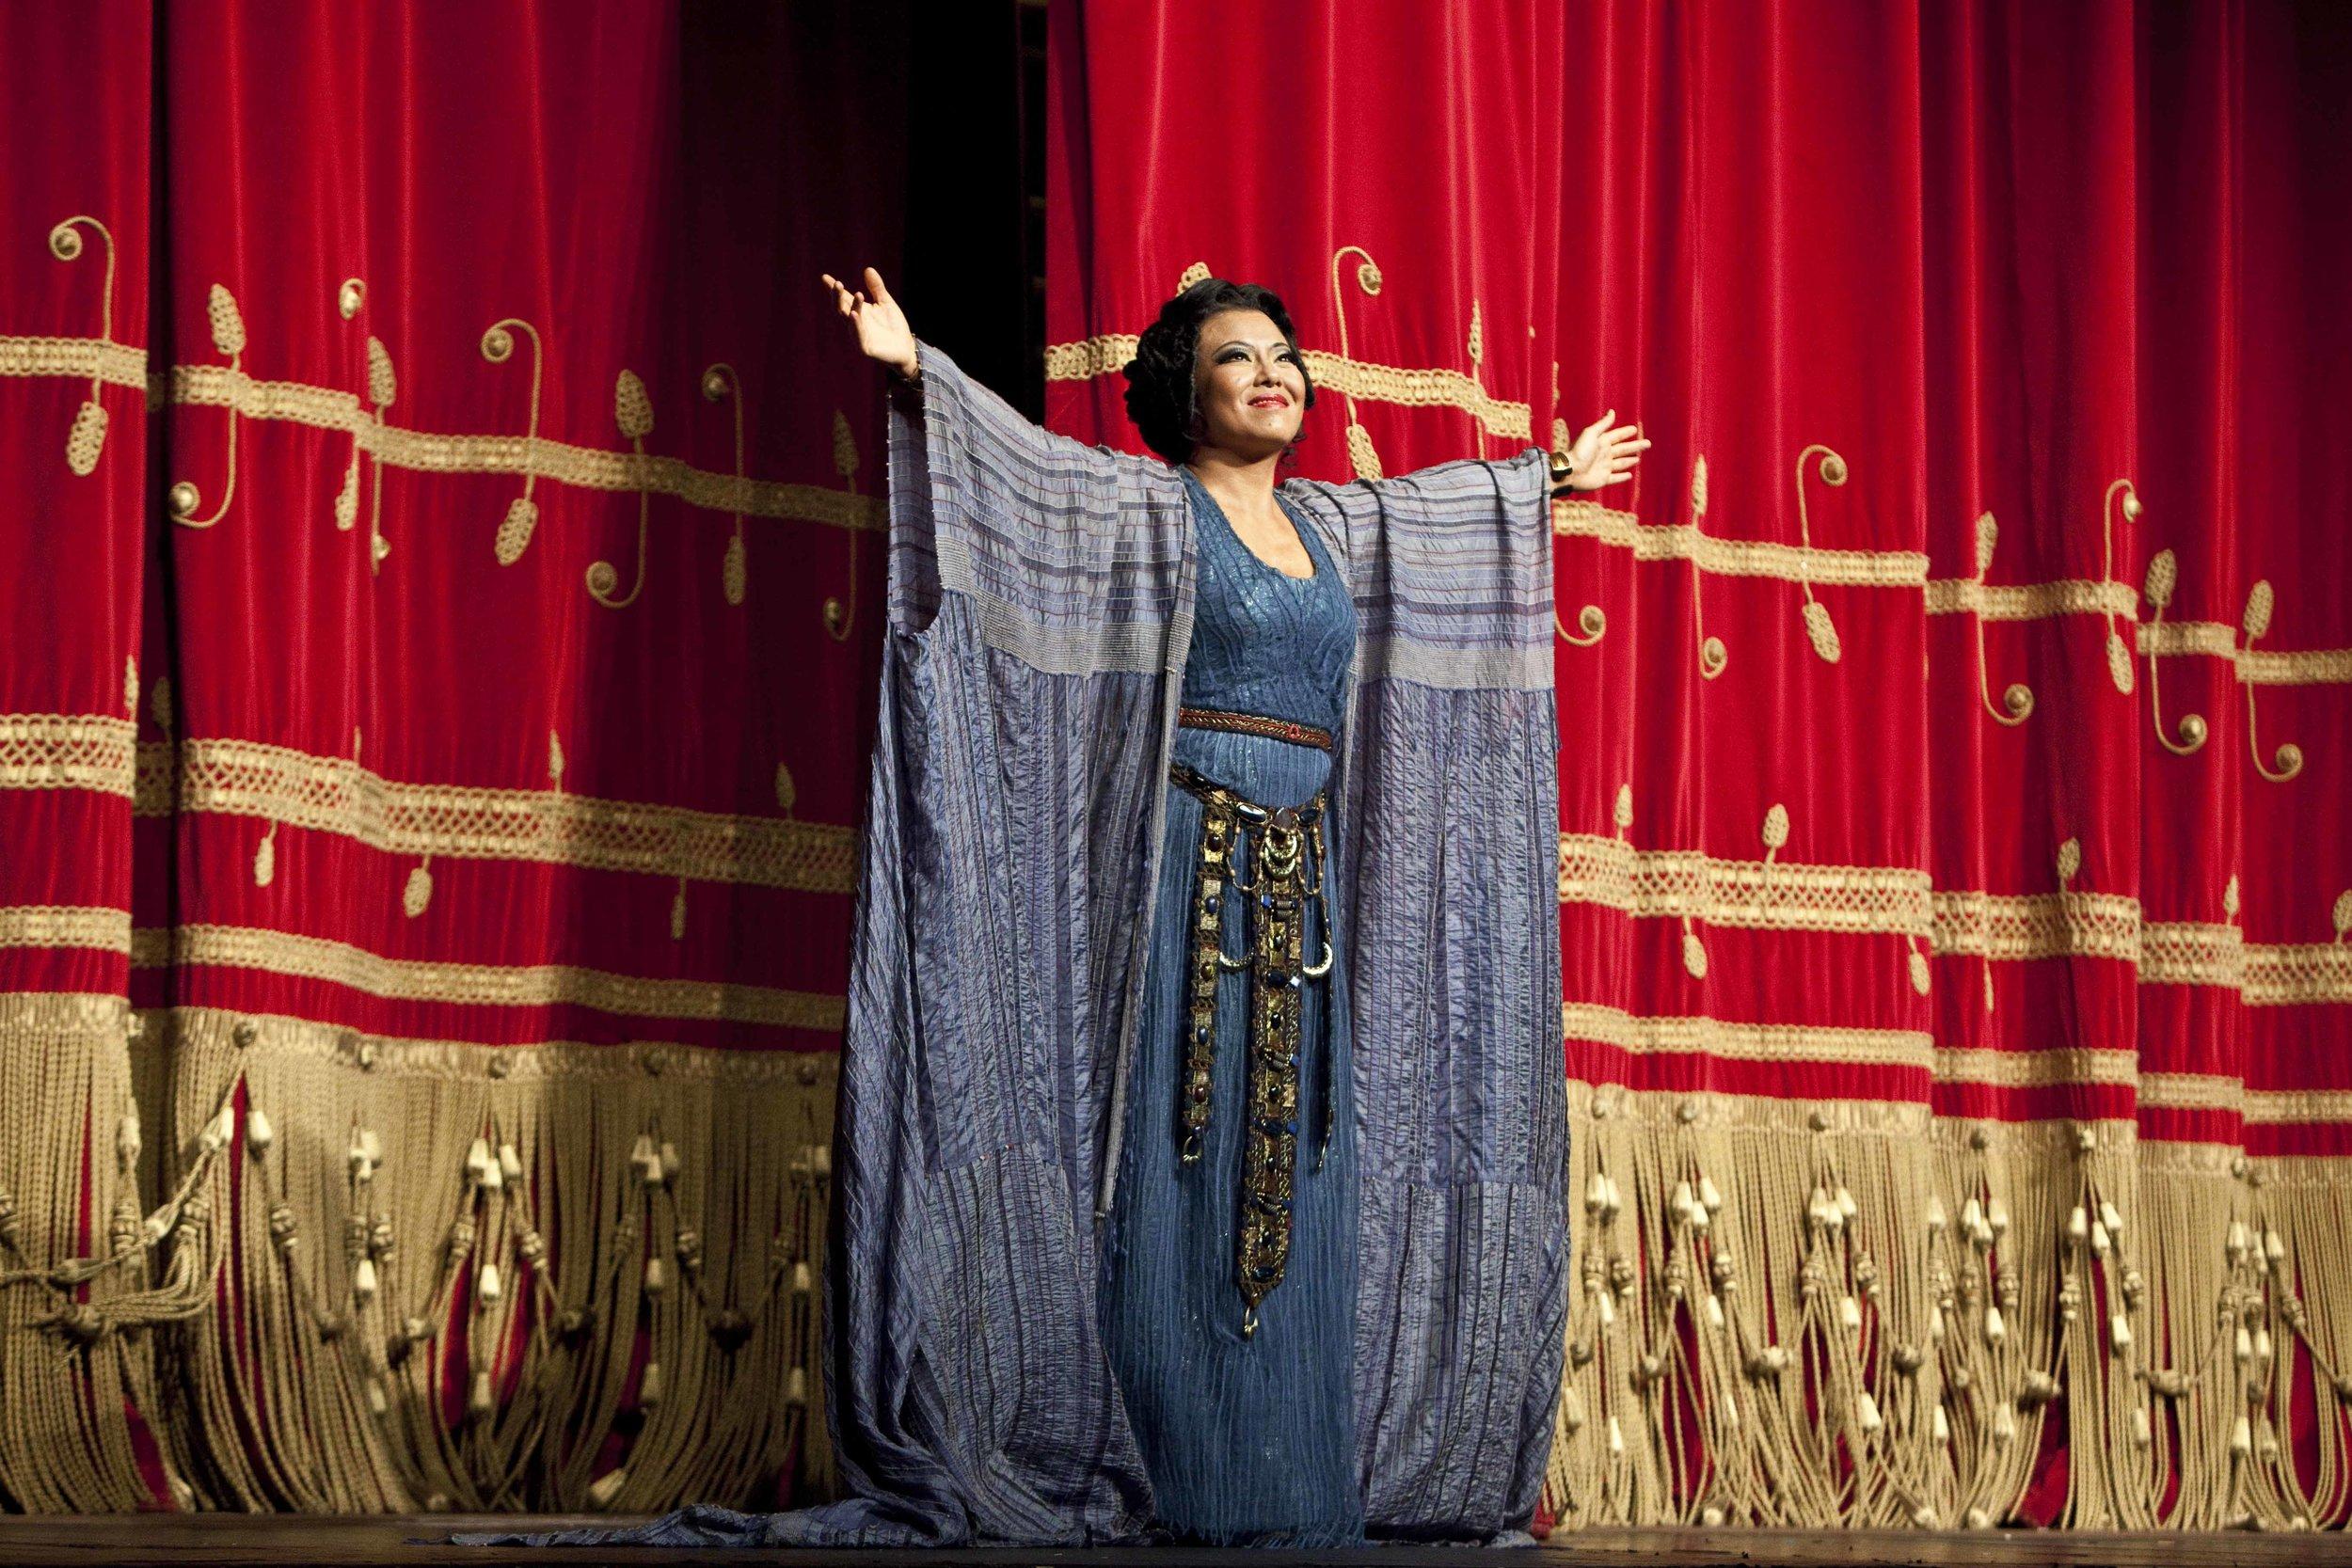 Curtain calls for Aida, La Scala 2013 (Photo:Marco Bravi, hehuisoprano.com)